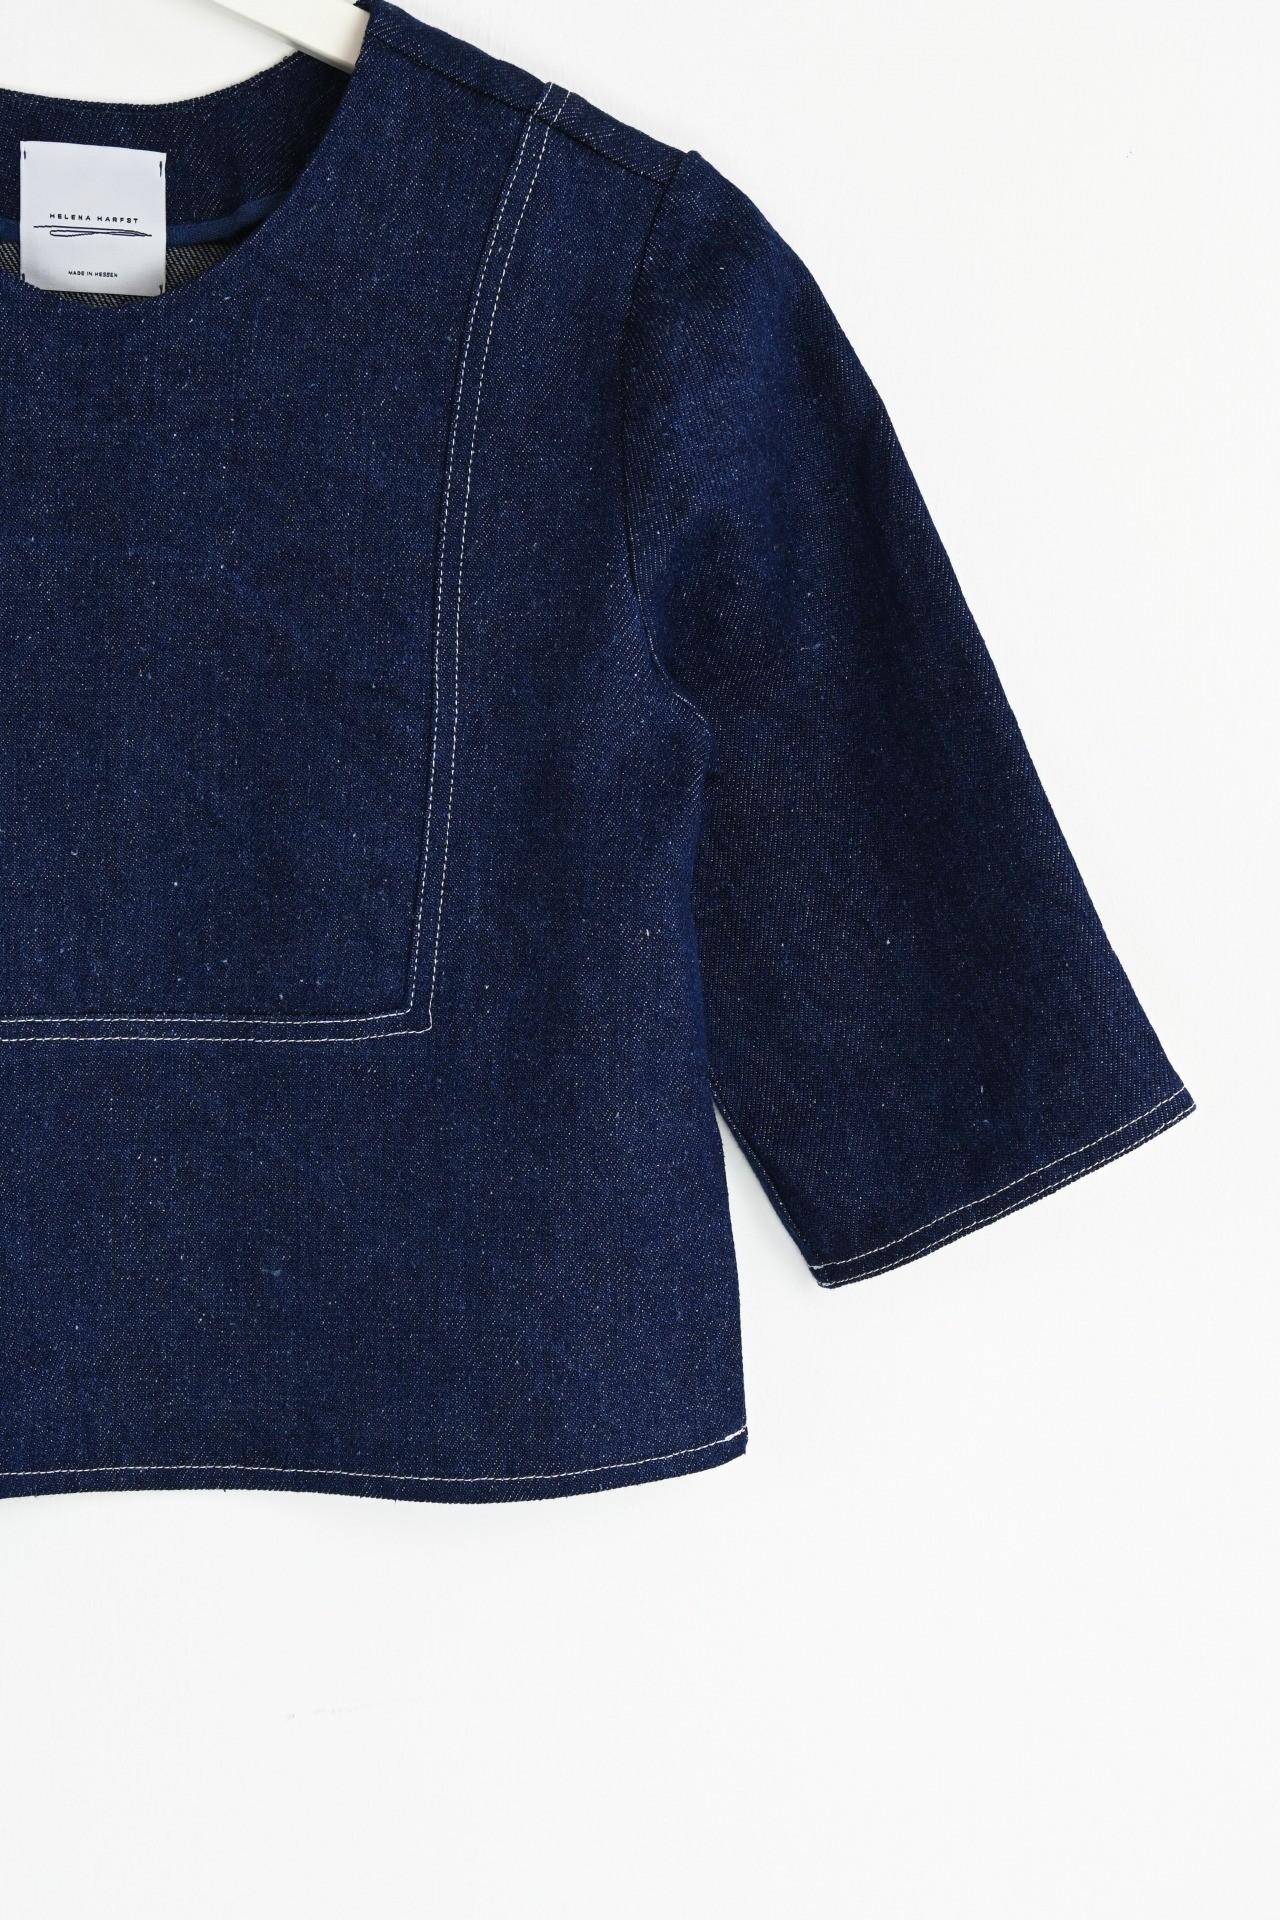 Gartenshirt indigo - Detailansicht